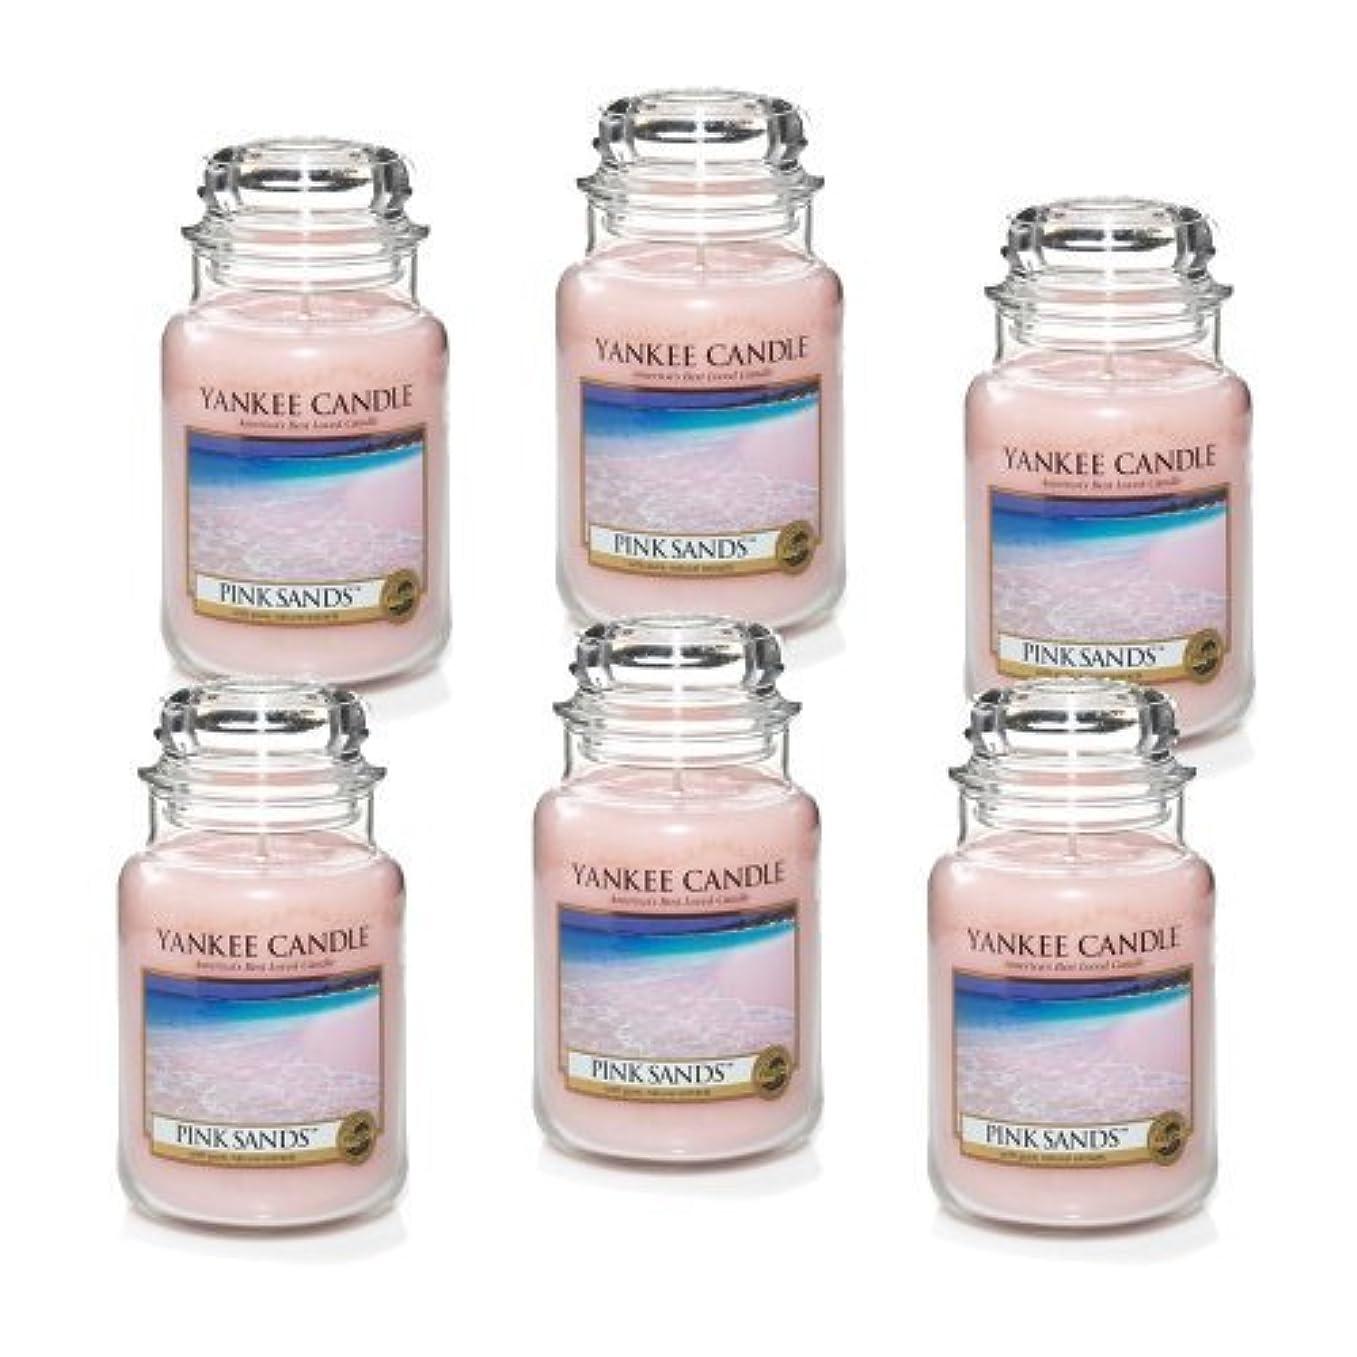 磨かれた証明目覚めるYankee Candle Company 22-Ounce Pink Sands Jar Candle, Large, Set of 6 by Amazon source [並行輸入品]